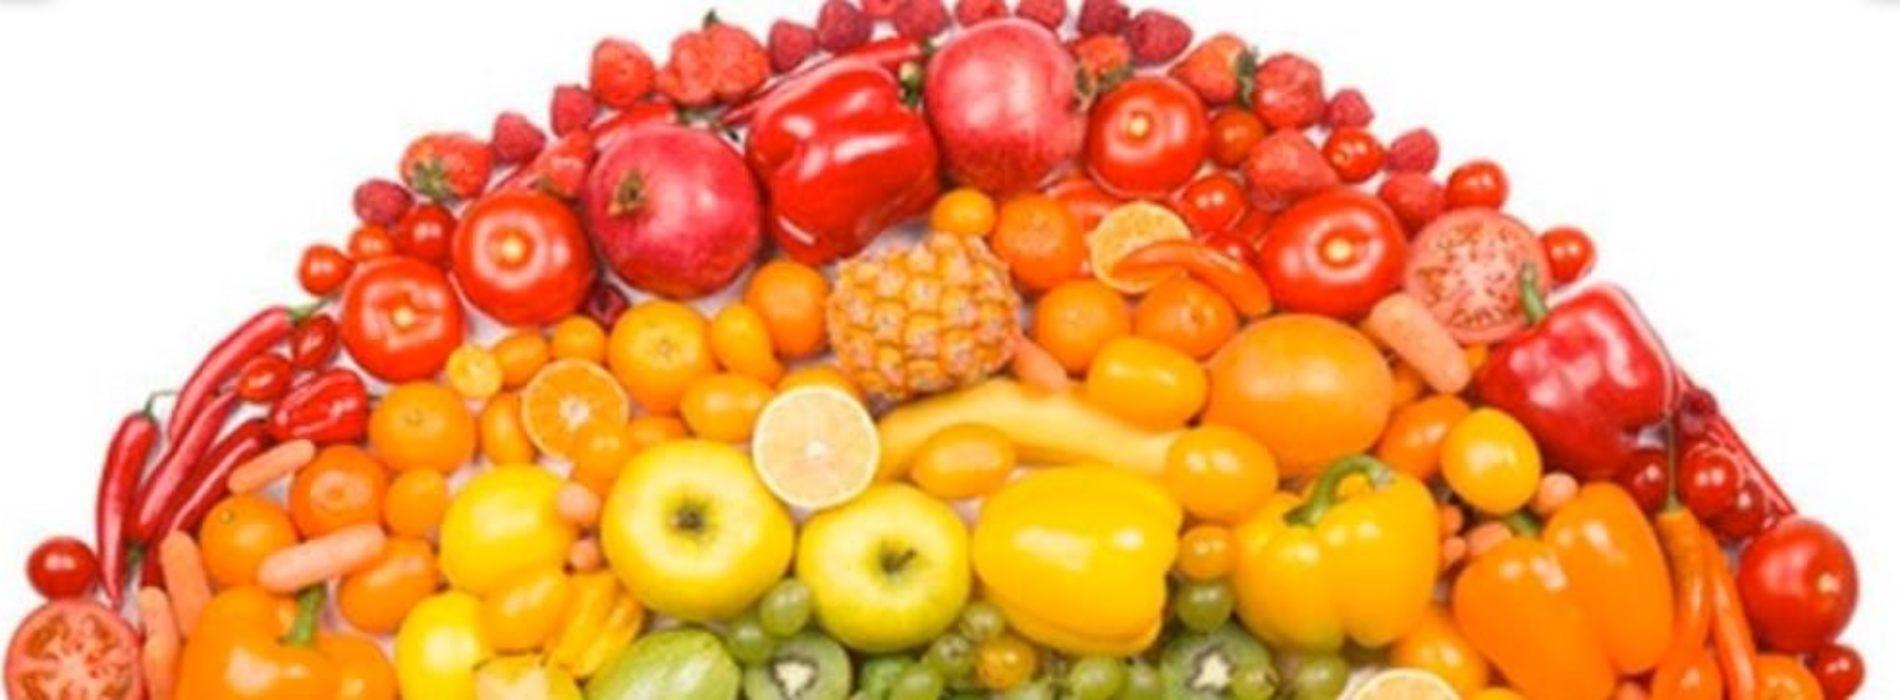 Esplode l'Arcobaleno del Benessere: tutti i colori della sana alimentazione e dell'adeguata attività motoria